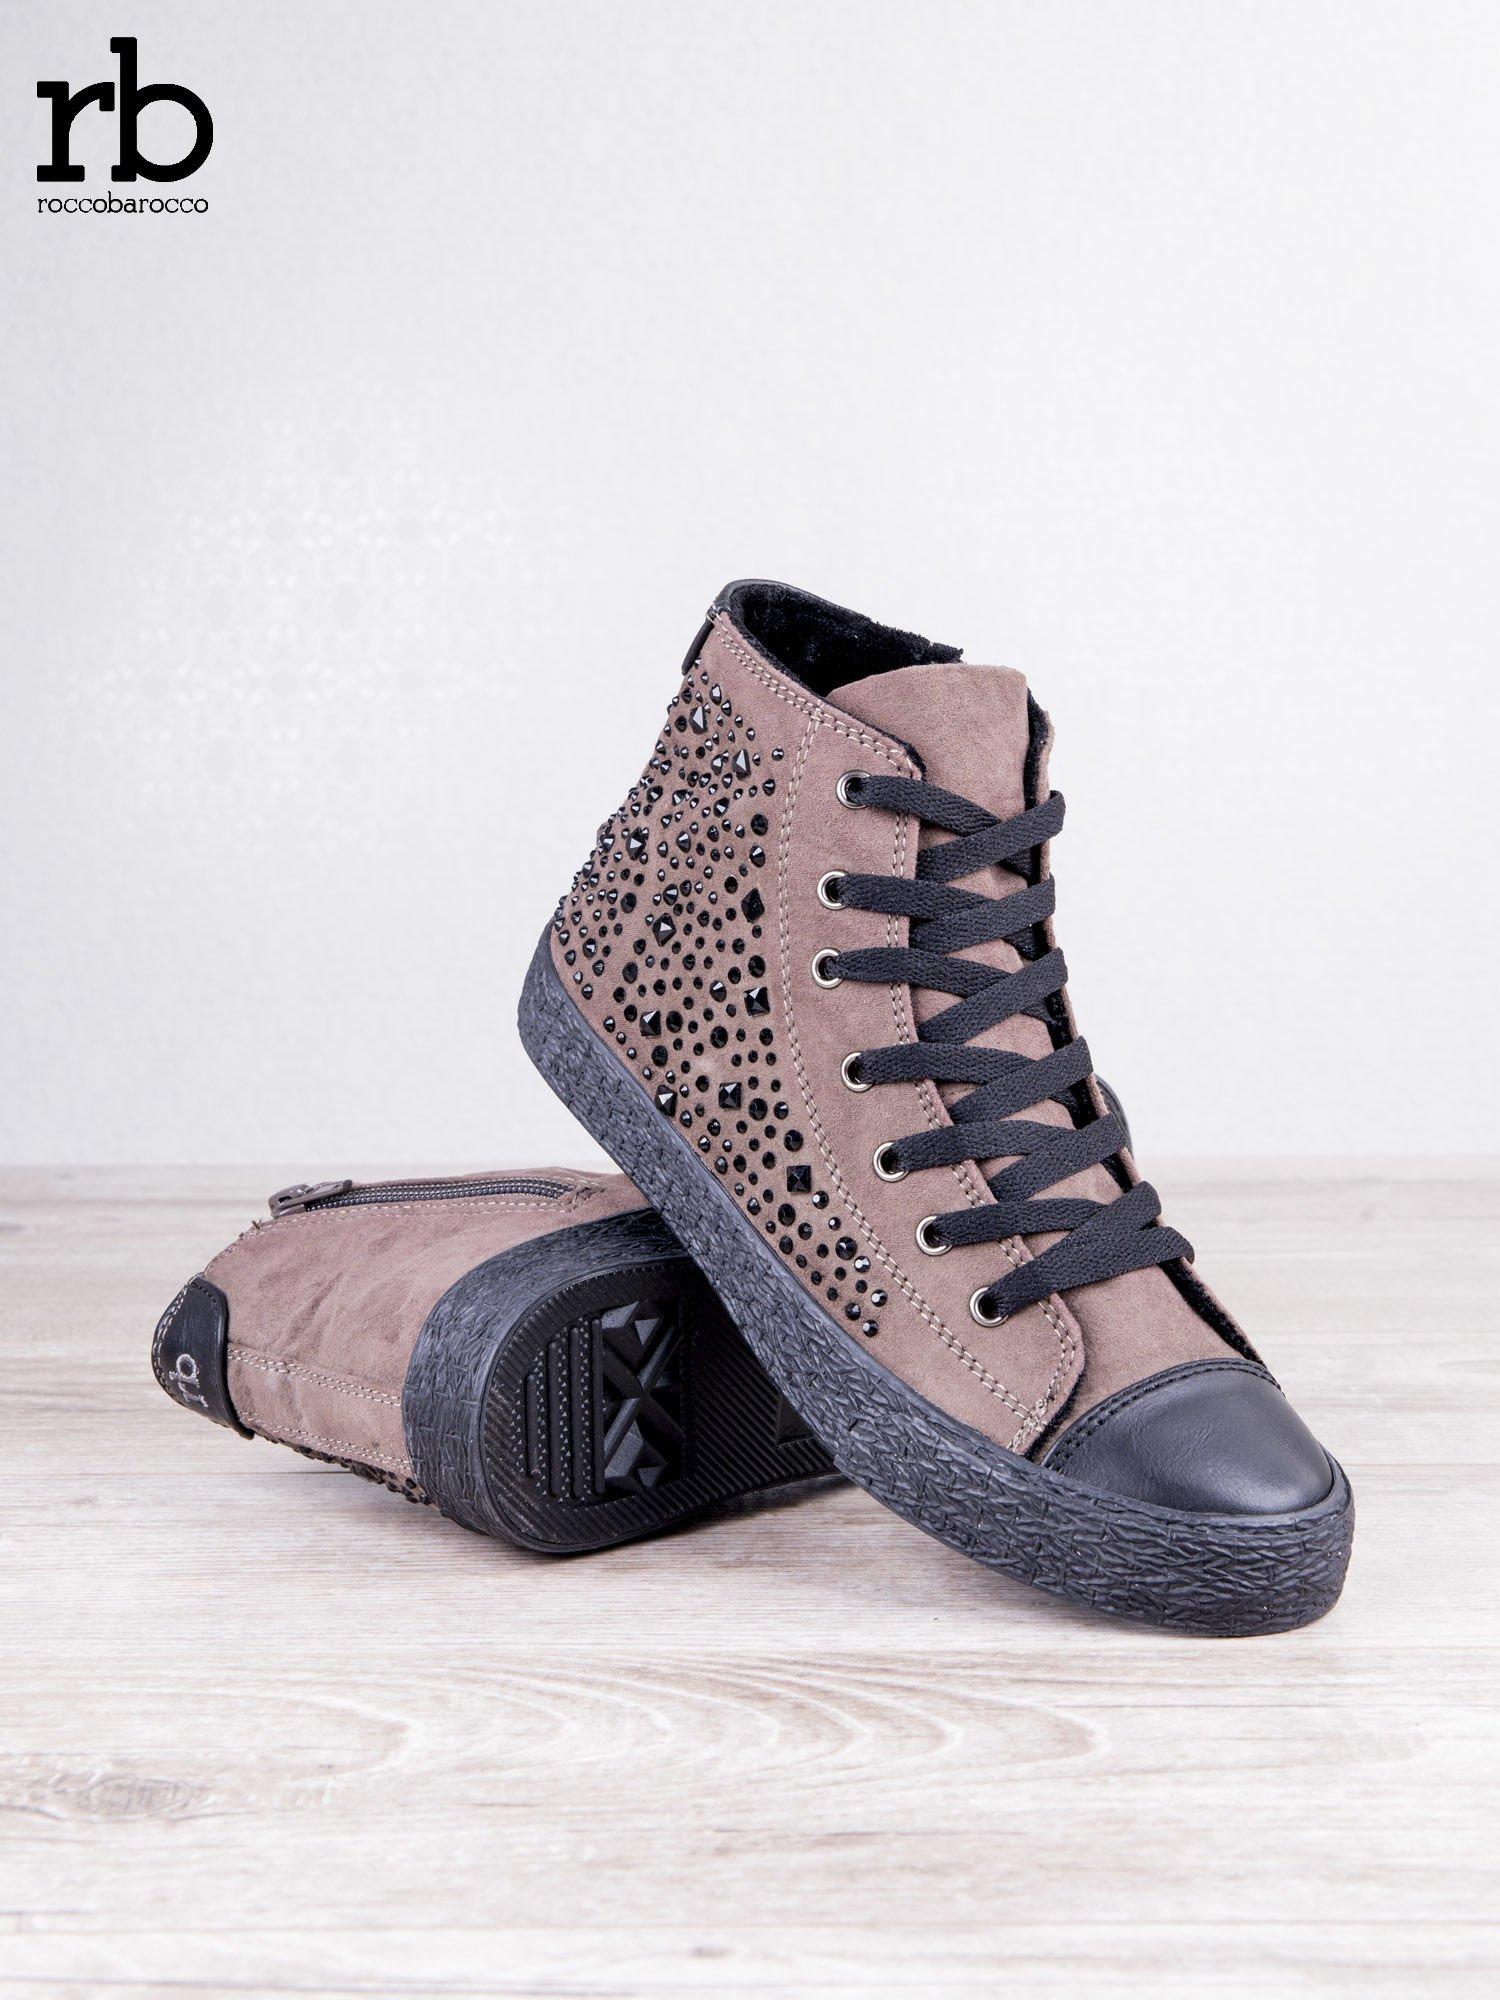 ROCCOBAROCCO brązowe zamszowe sneakersy true suede z czarnymi błyszczącymi kamieniami                                  zdj.                                  4